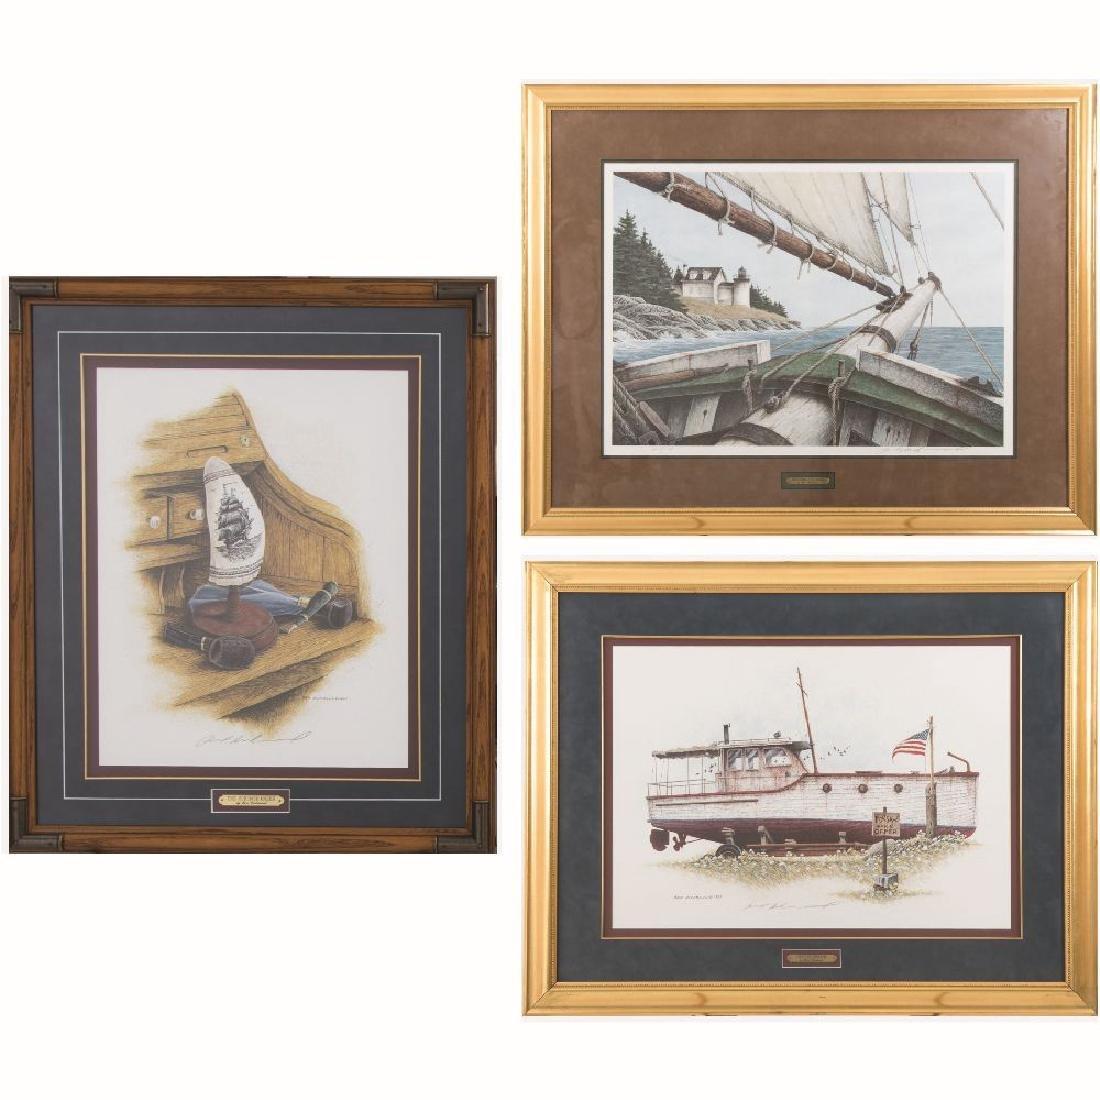 Ben Richmond (20th Century) Three Framed Works,